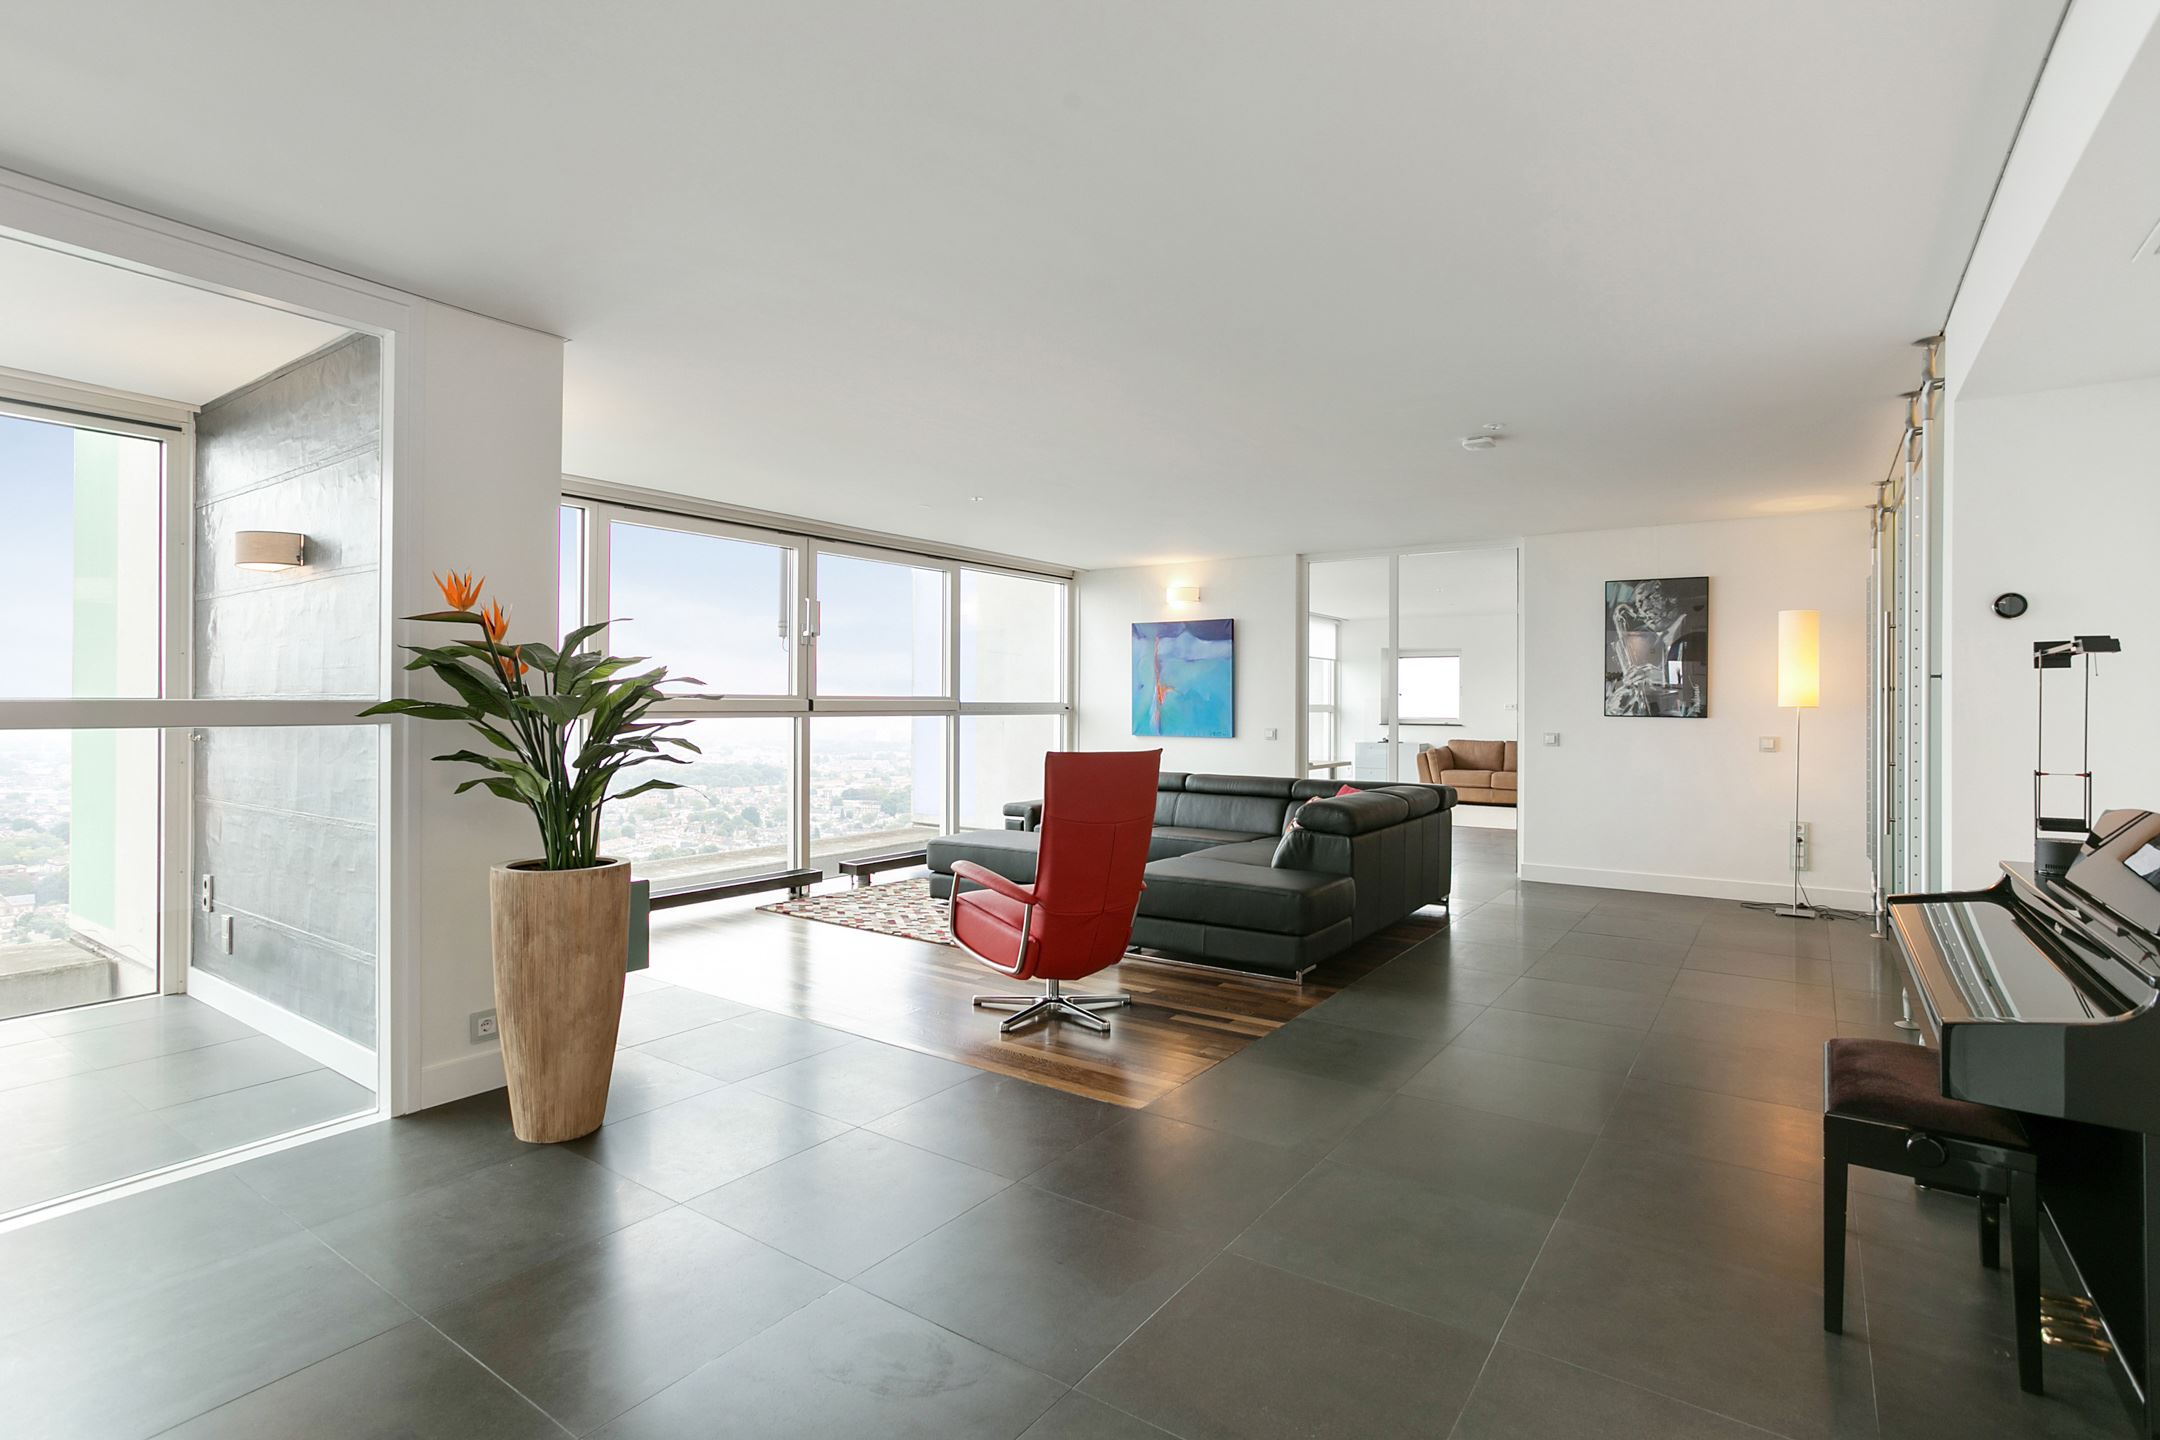 appartement te koop westpoint 140 5038 kg tilburg funda